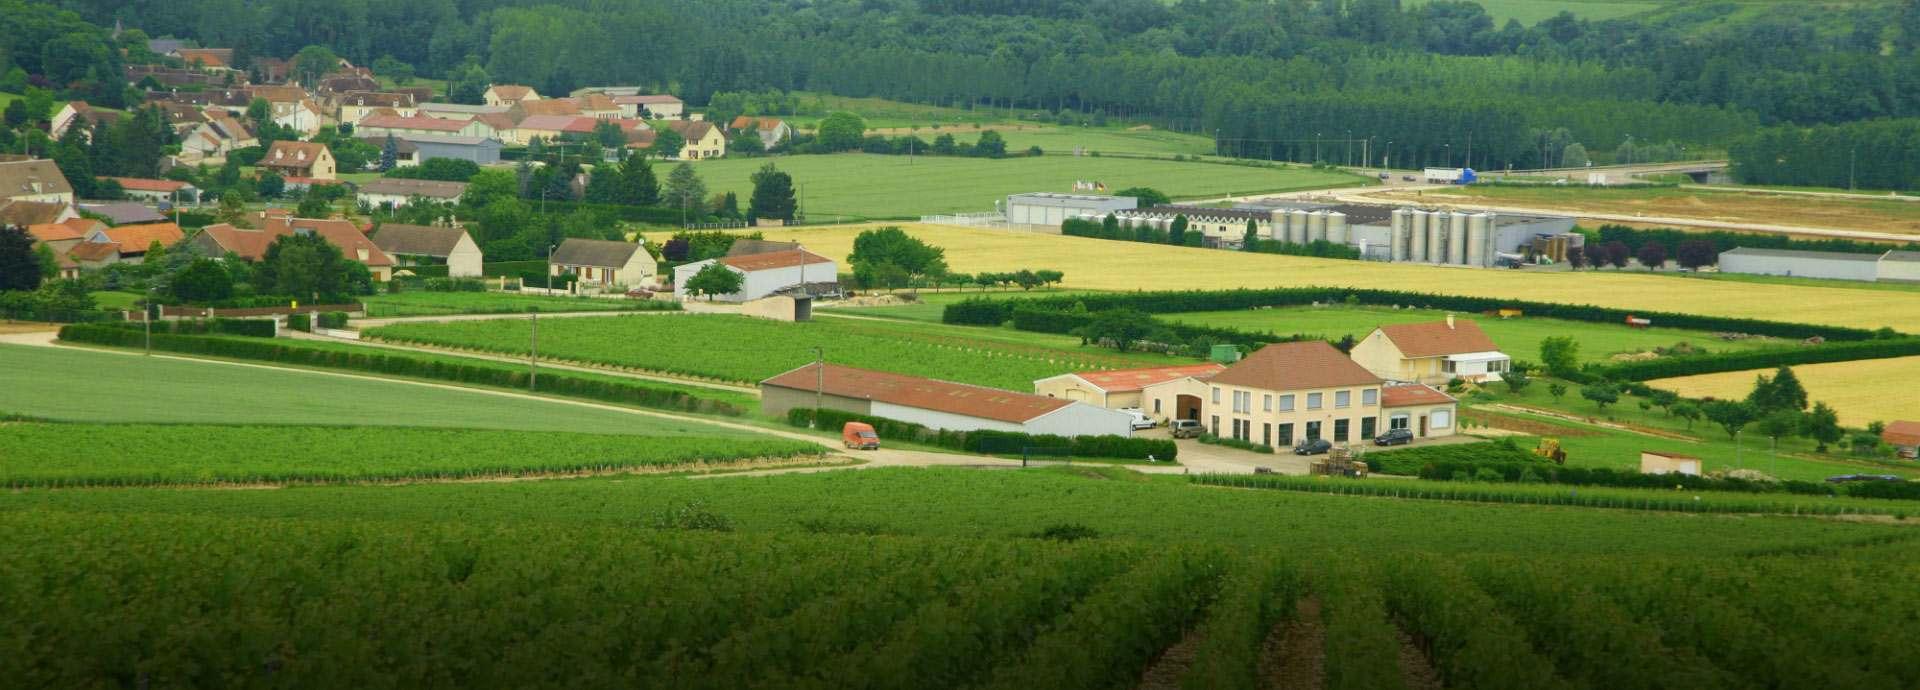 Domaine Vincent Dampt banner image